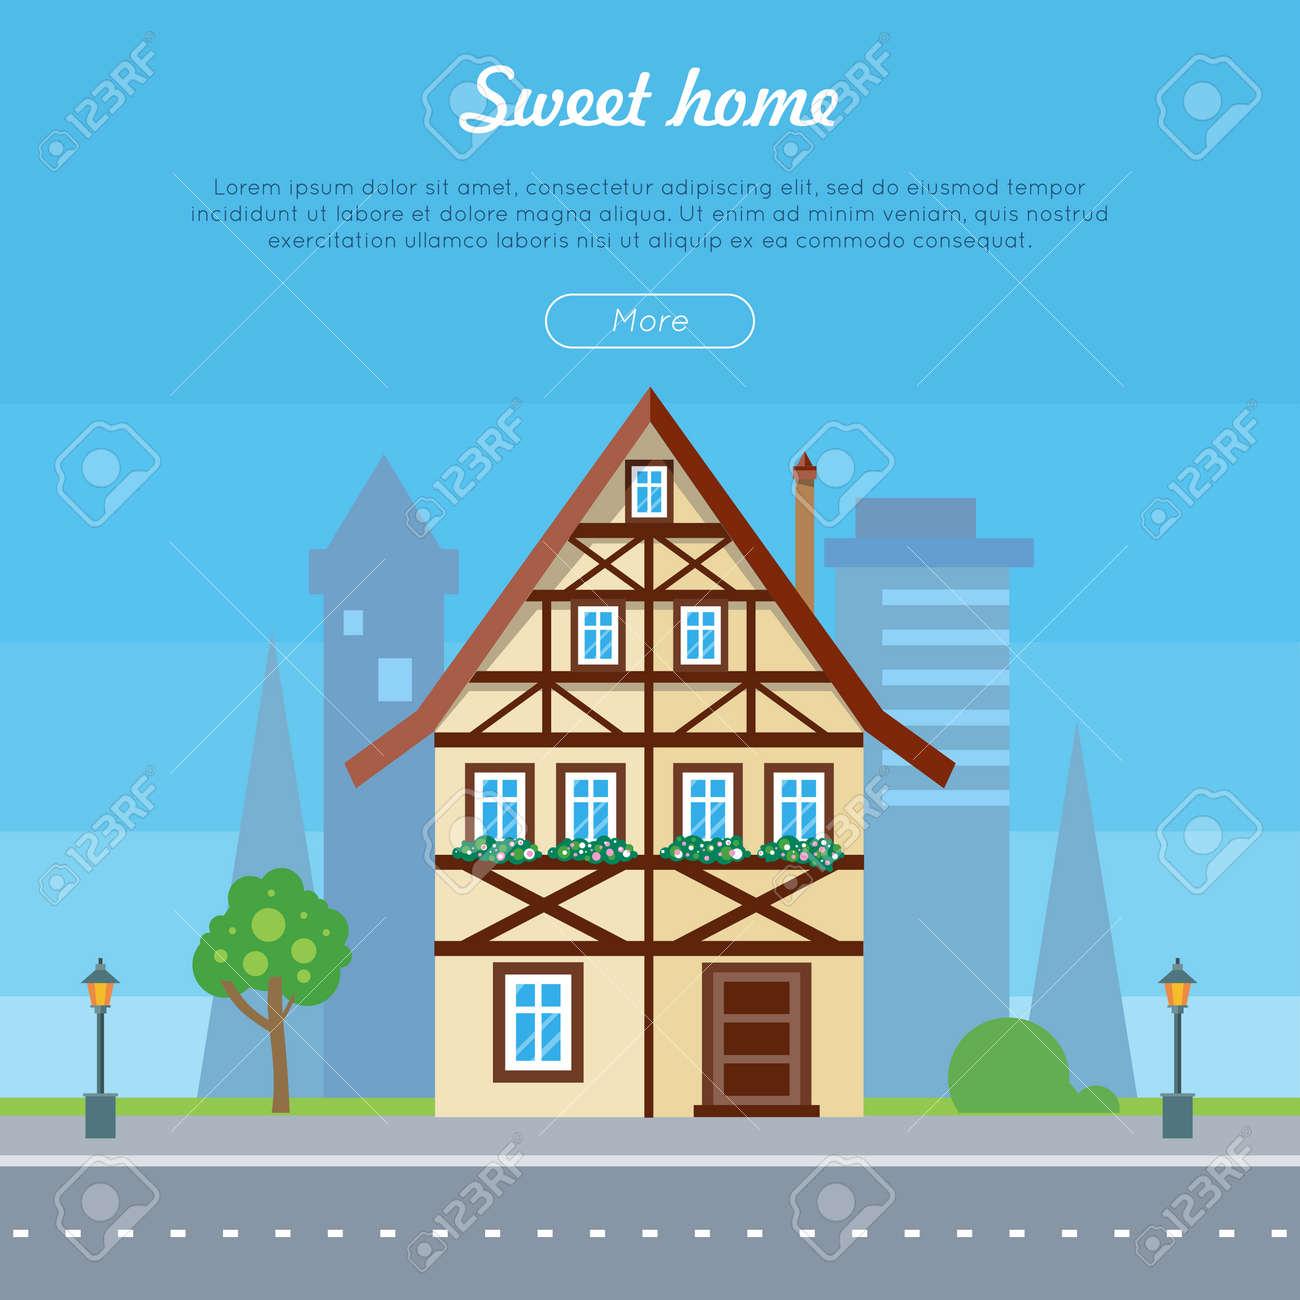 Sweet Home Haus Banner Plakat Vorlage. Exterior Home-Symbol Mit ...